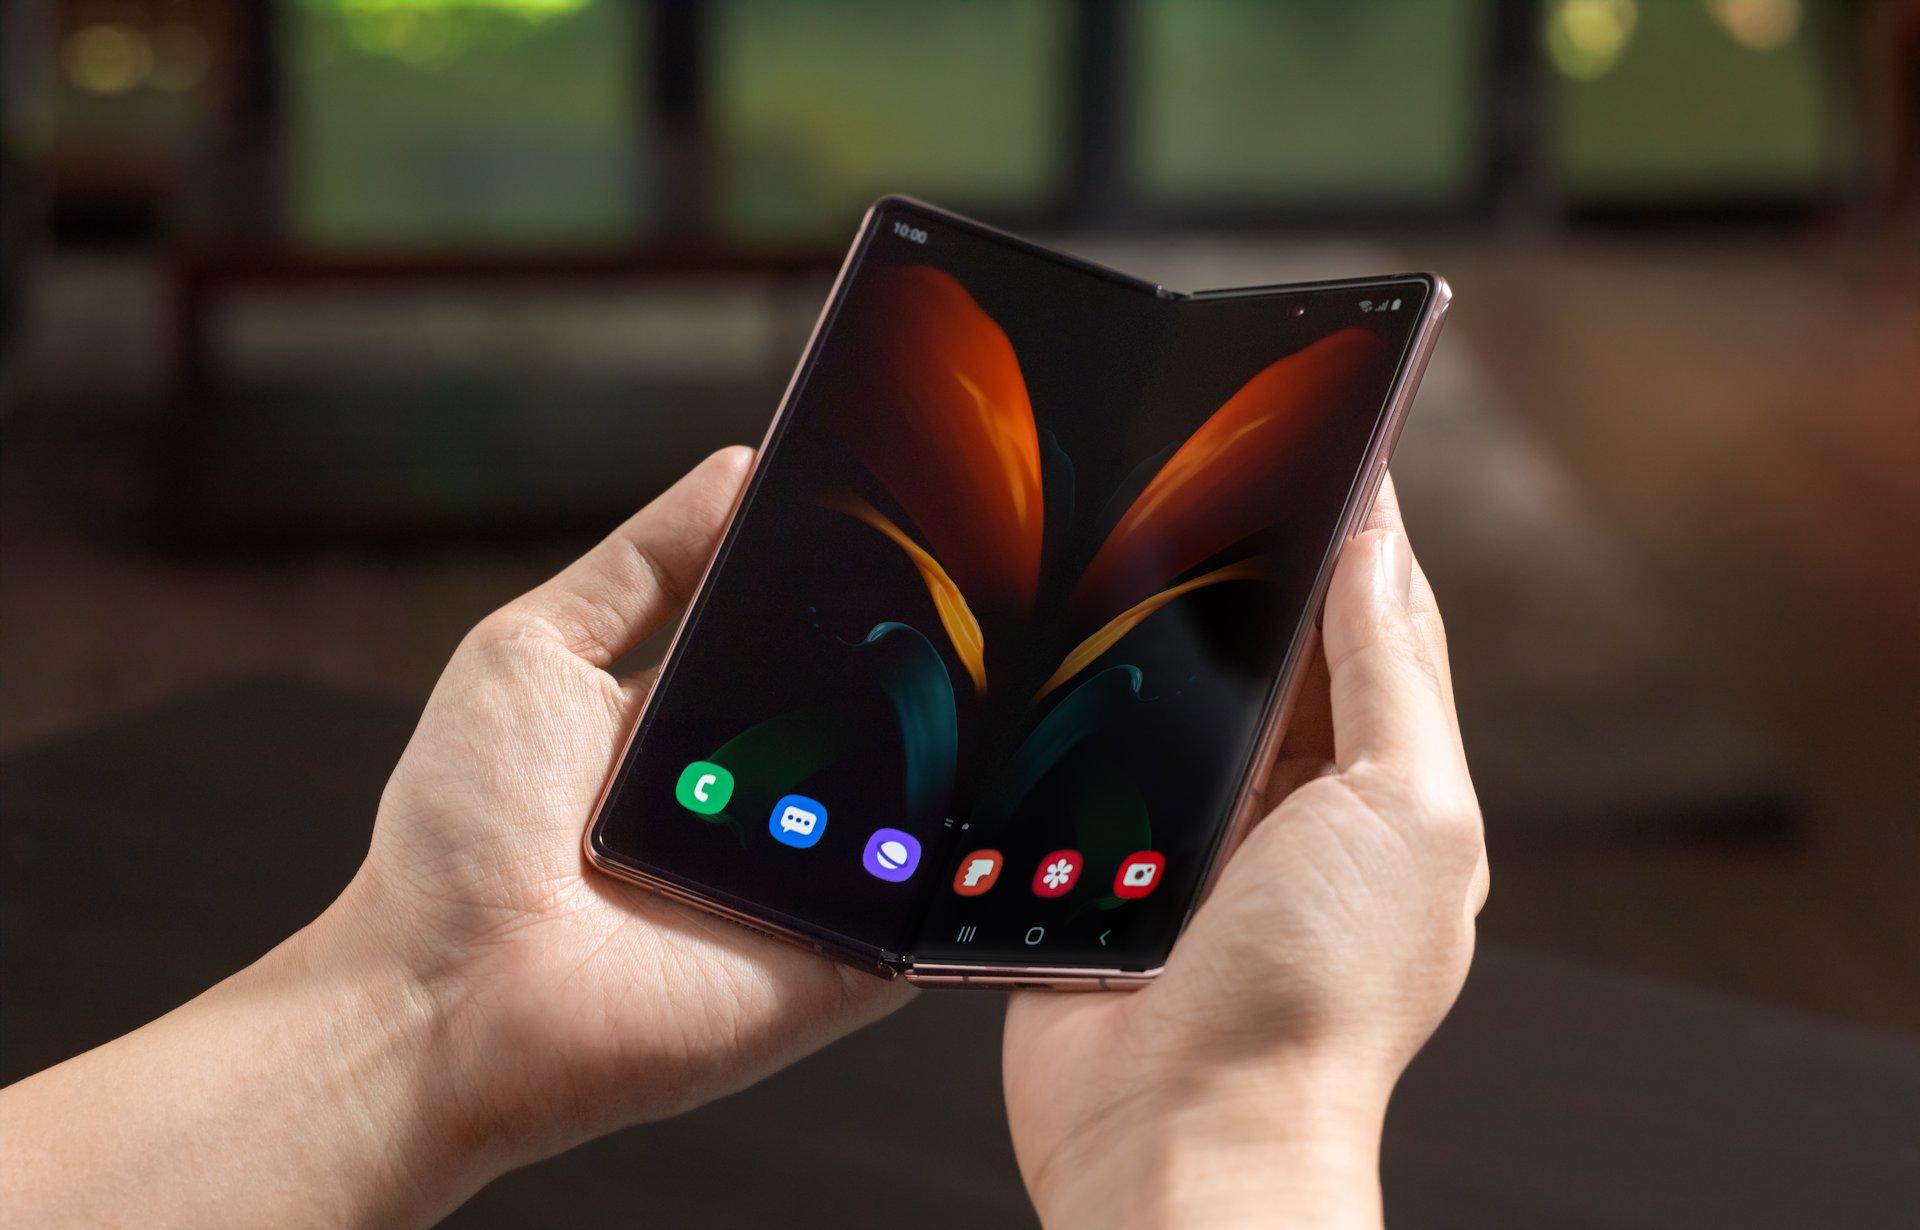 Rykte: Samsungs nästa telefoner med vikbara skärmar har påtagligt lägre pris